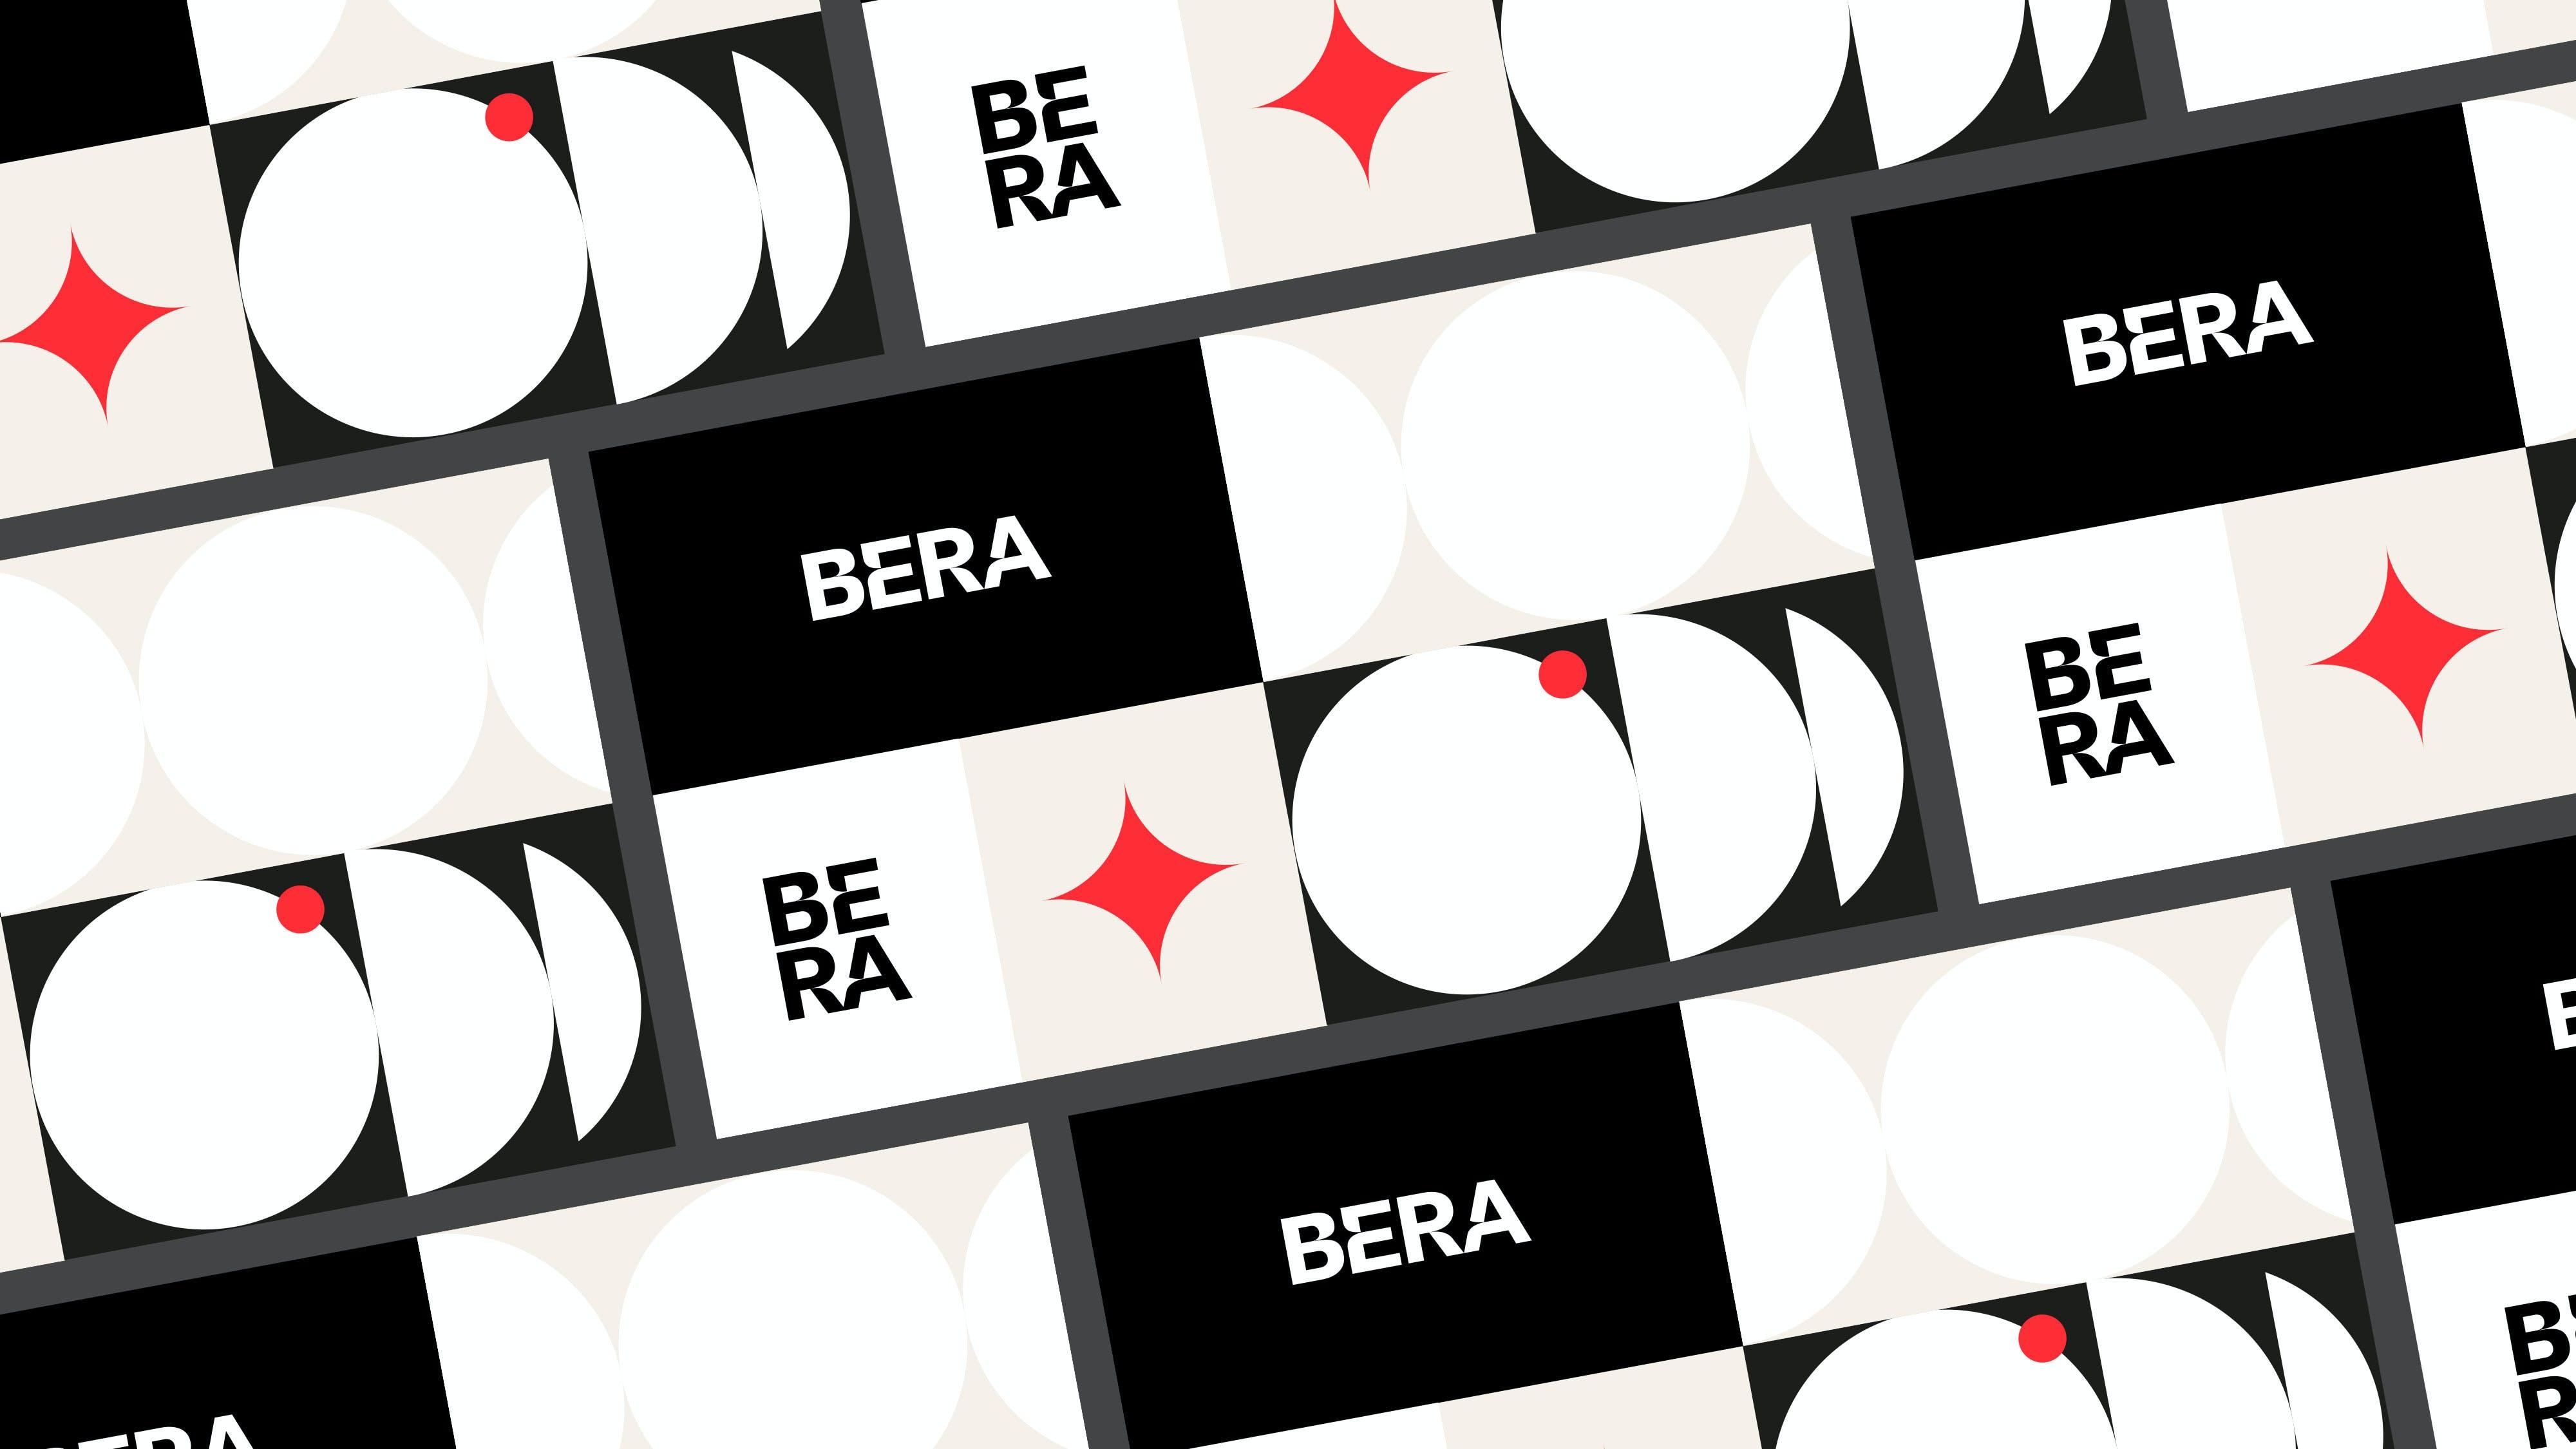 BERA Tile Showcase